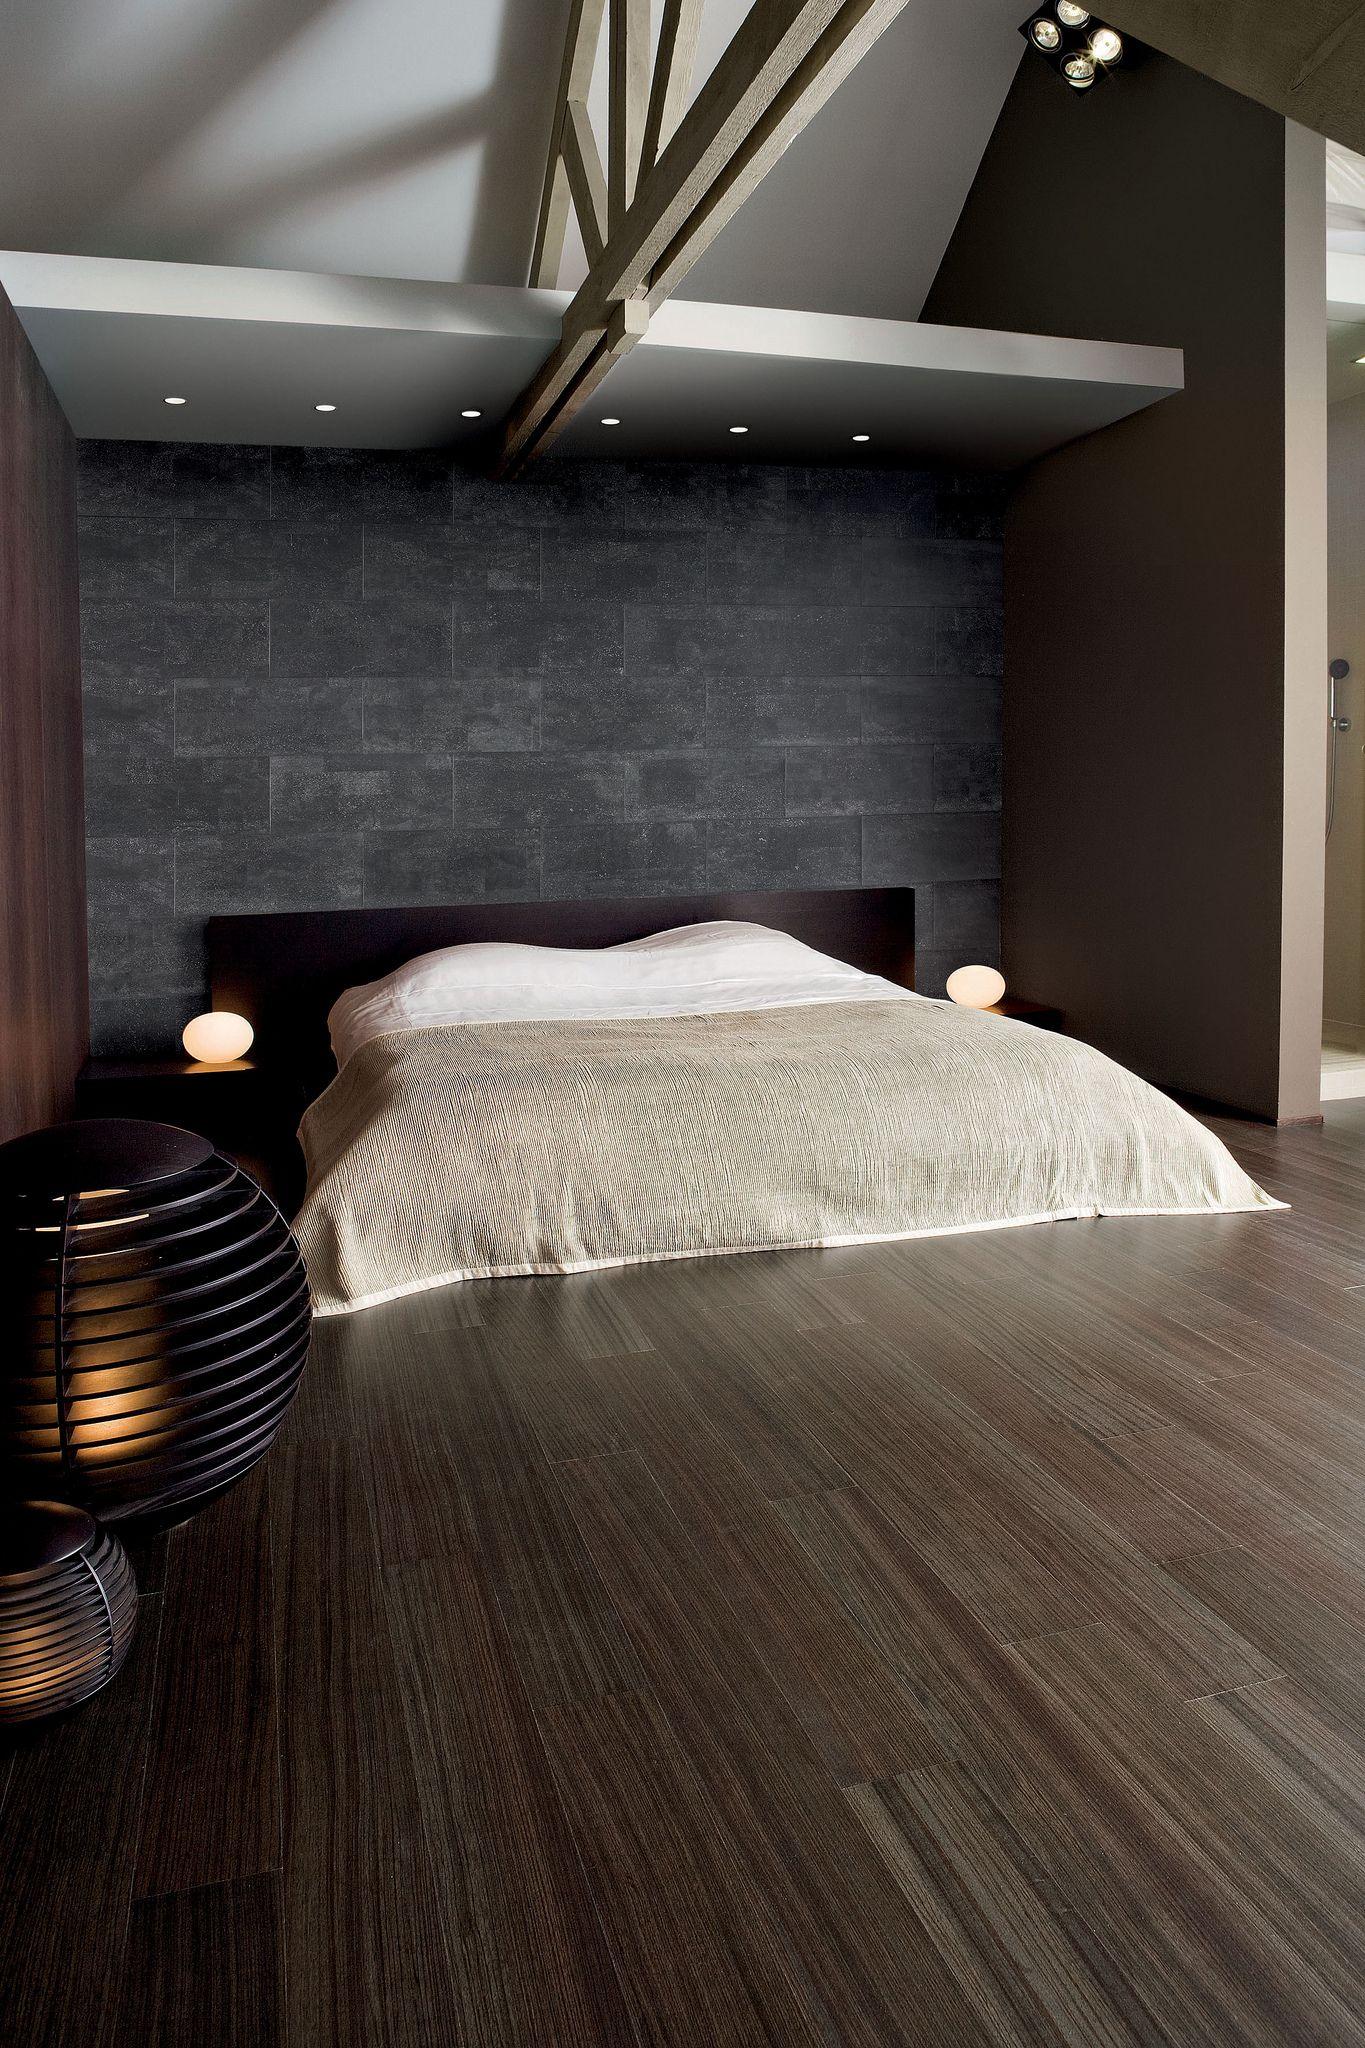 dankzij een kurkvloer in de slaapkamer worden loopgeluiden sterk